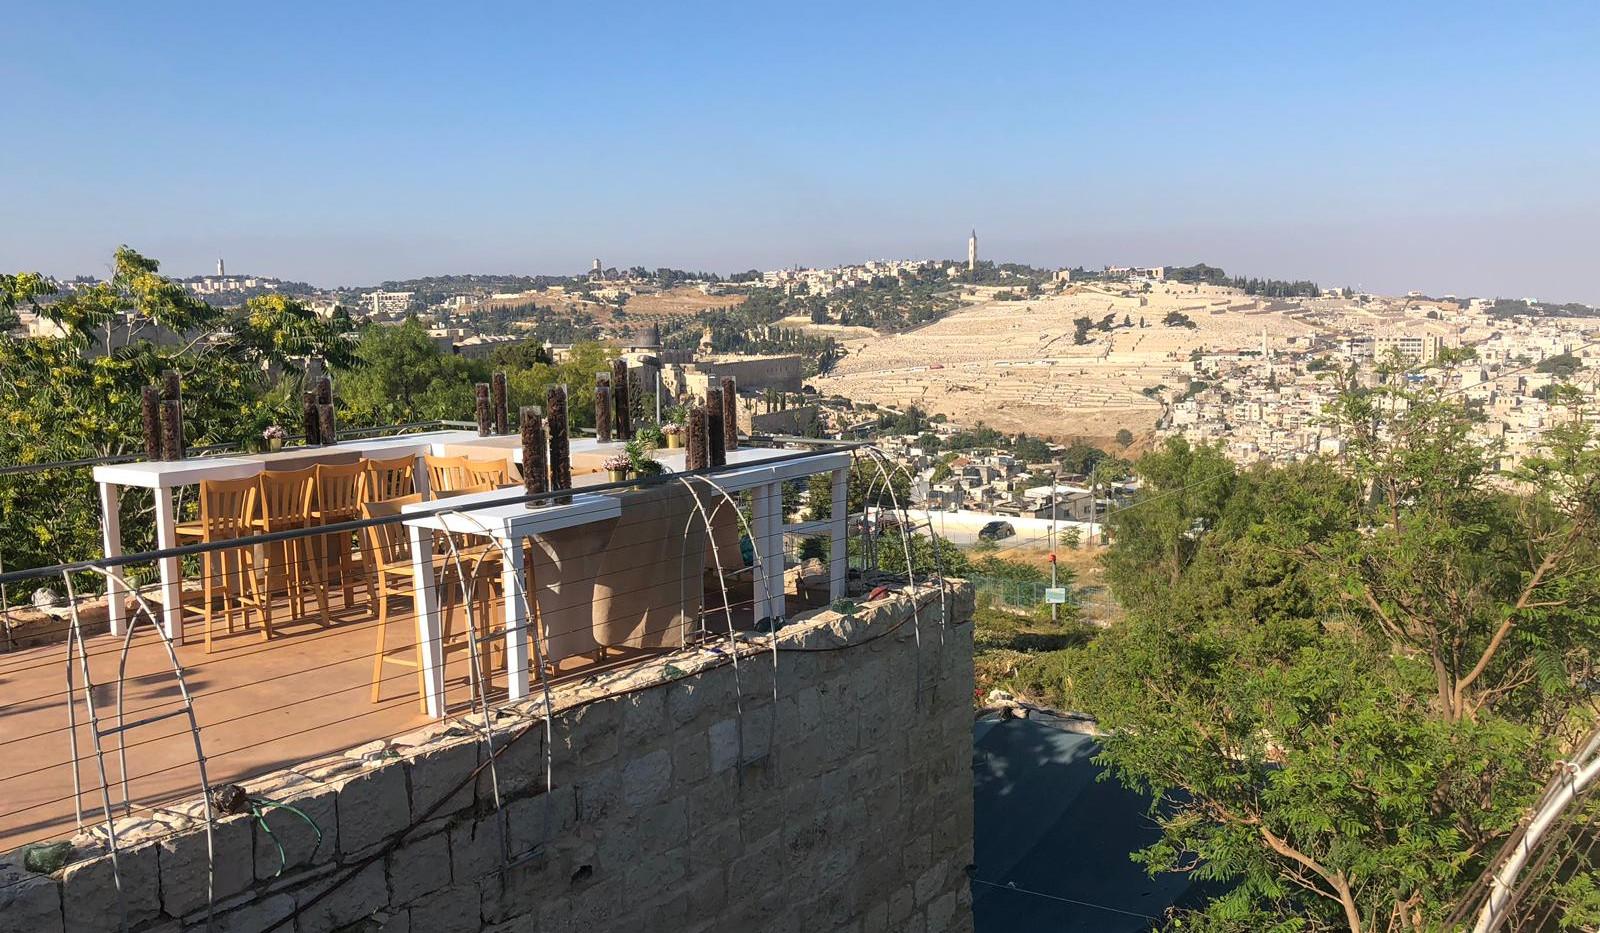 Roof at Harp of David